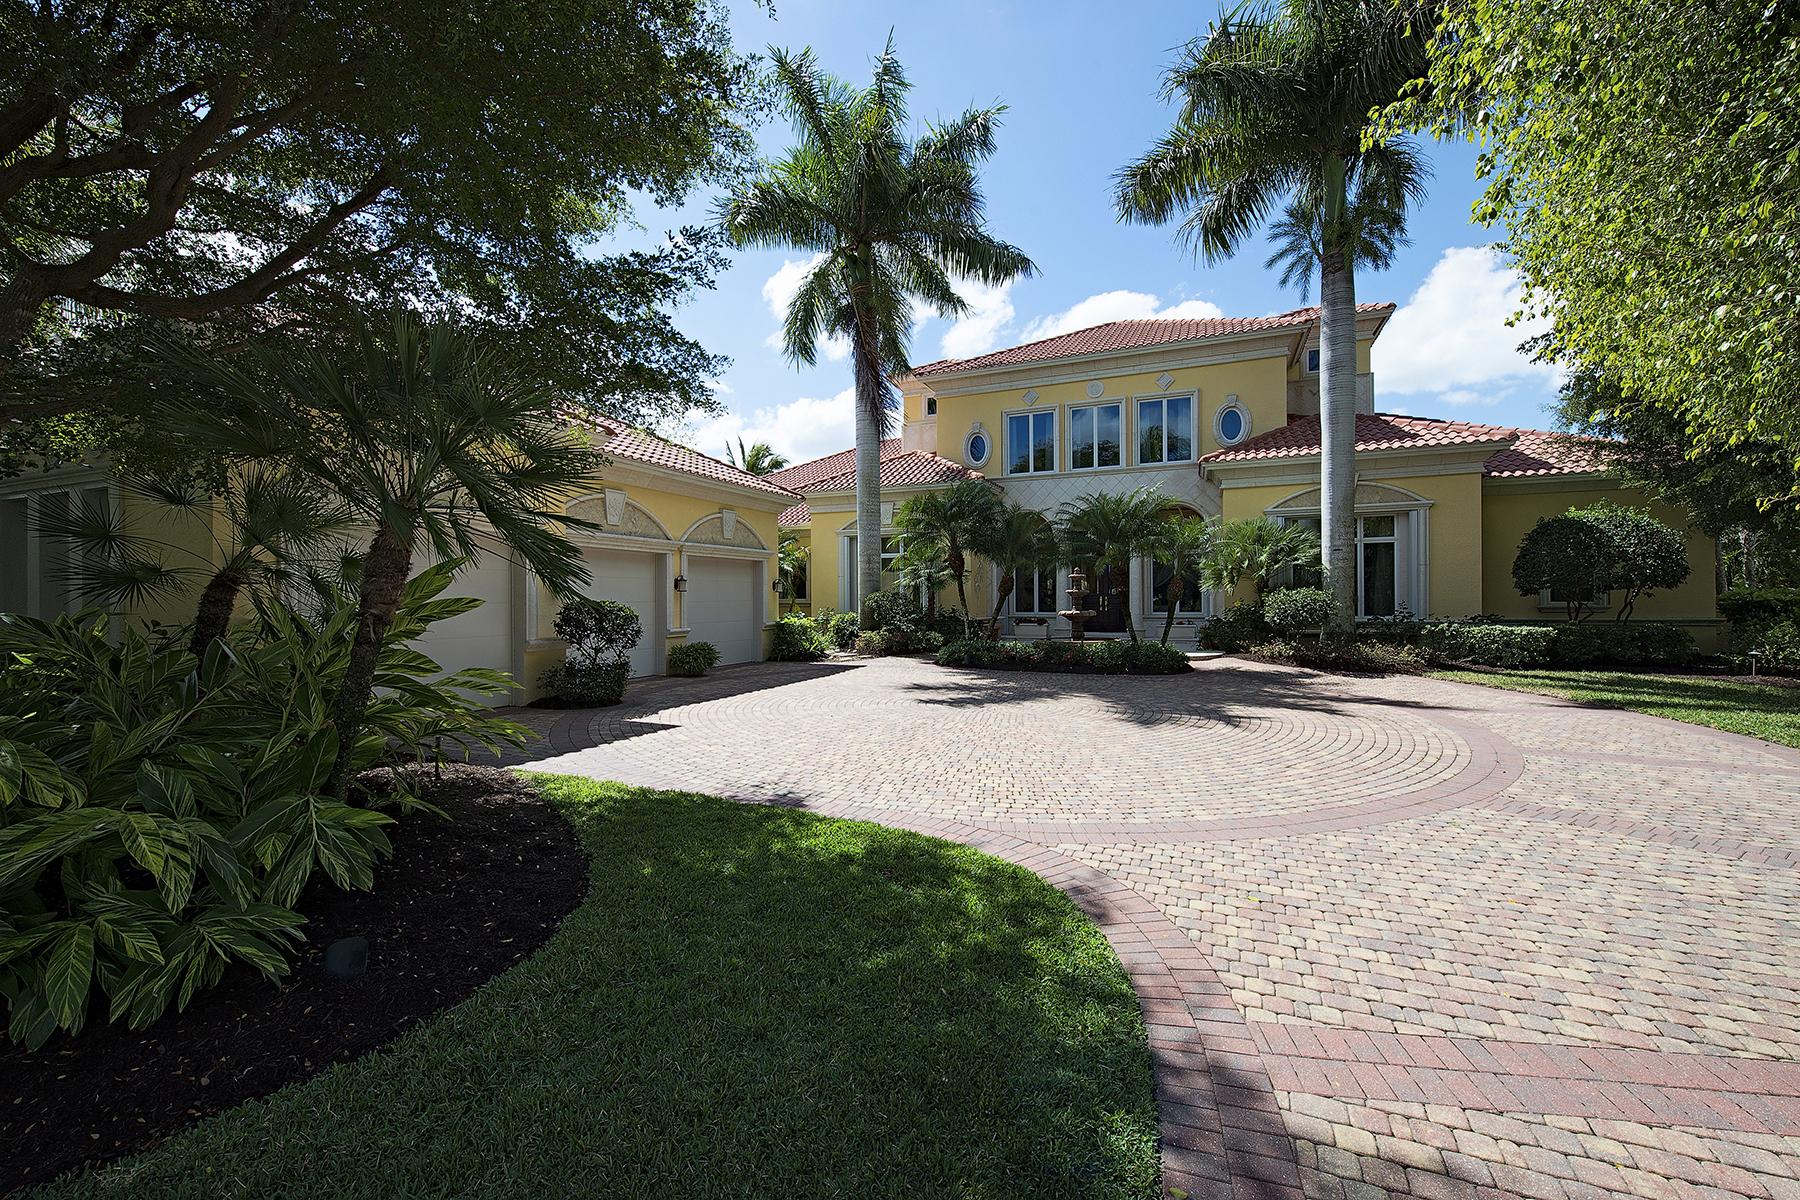 Nhà ở một gia đình vì Bán tại PELICAN MARSH - MARSH LINKS 1703 Persimmon Dr Naples, Florida 34109 Hoa Kỳ